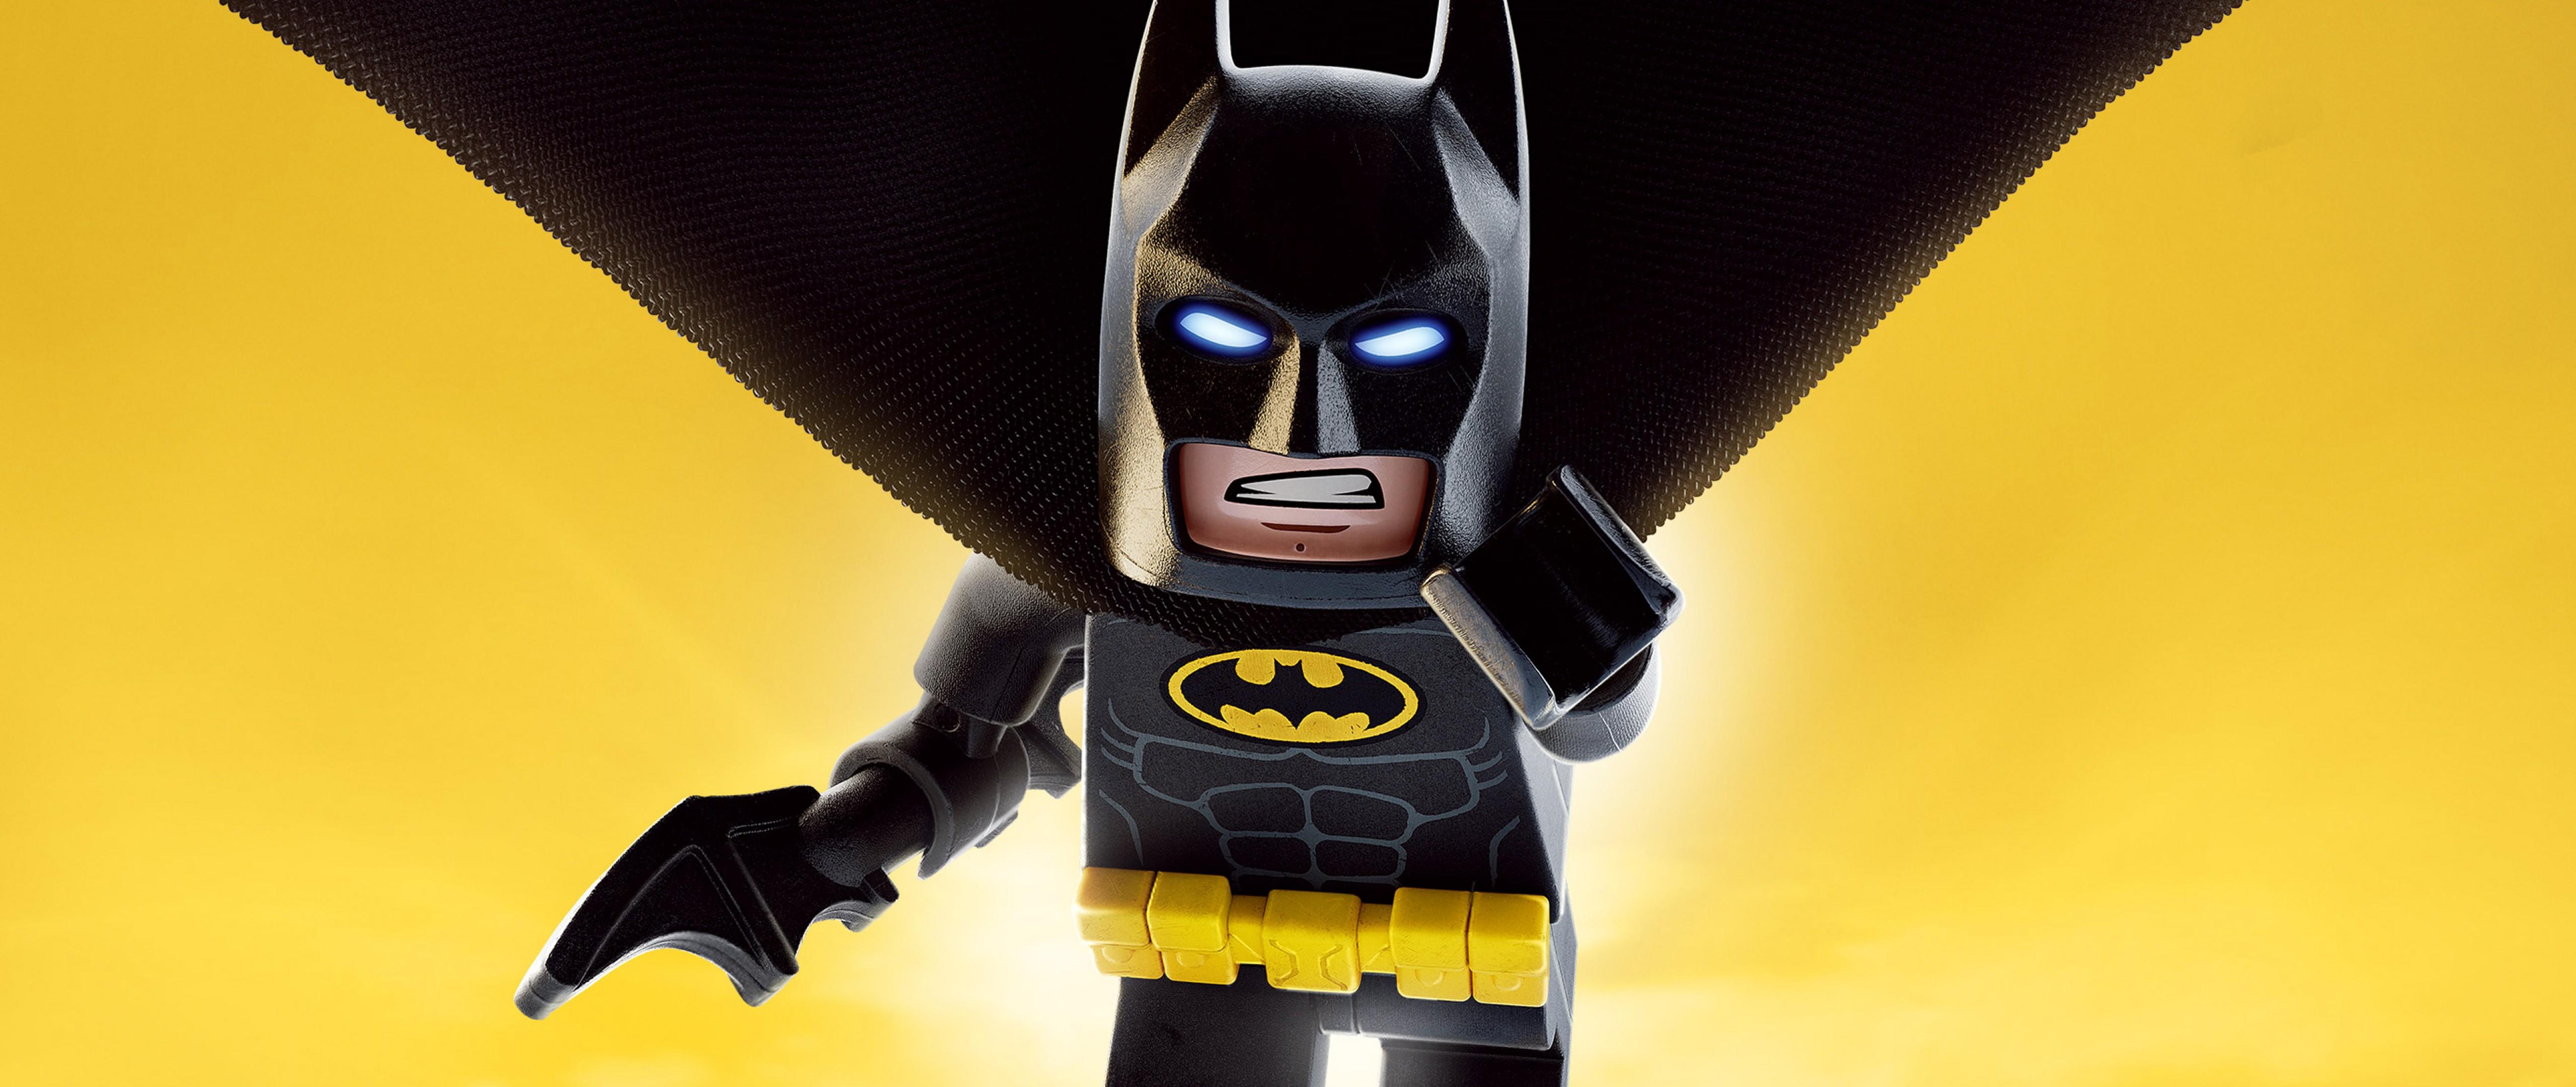 Лего Обои На Телефон